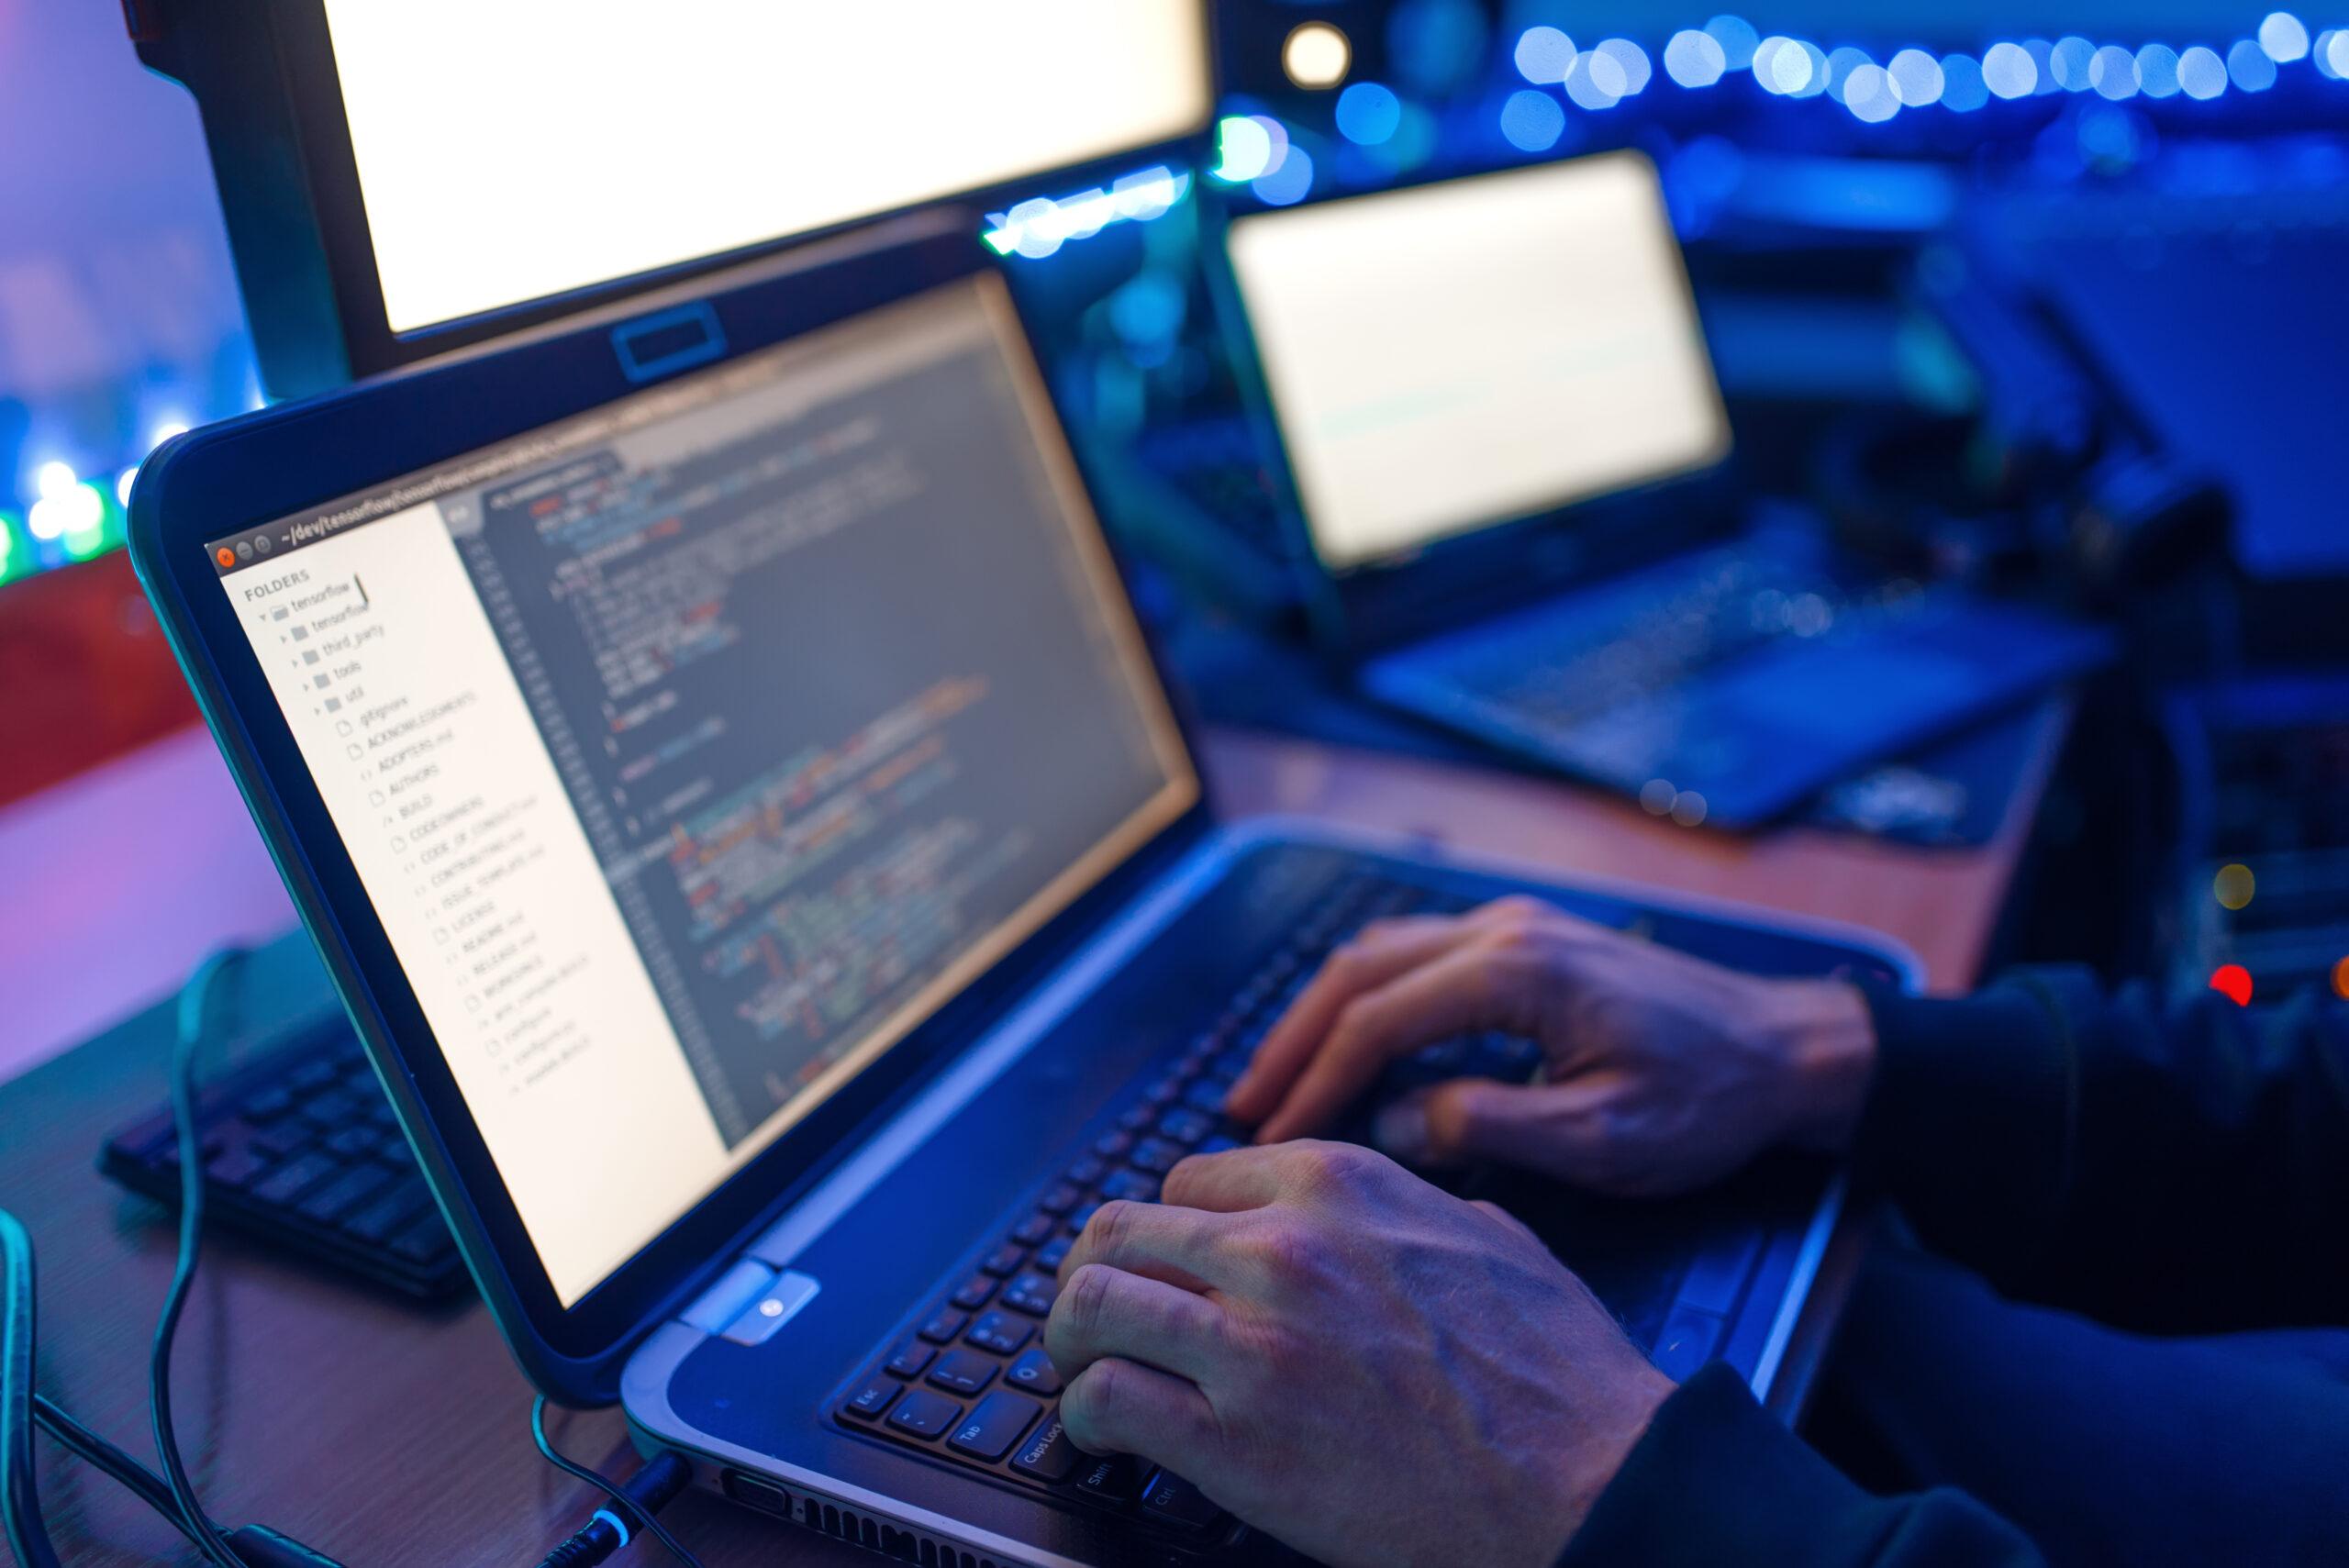 ¿Por qué es importante el usuario para la seguridad informática?